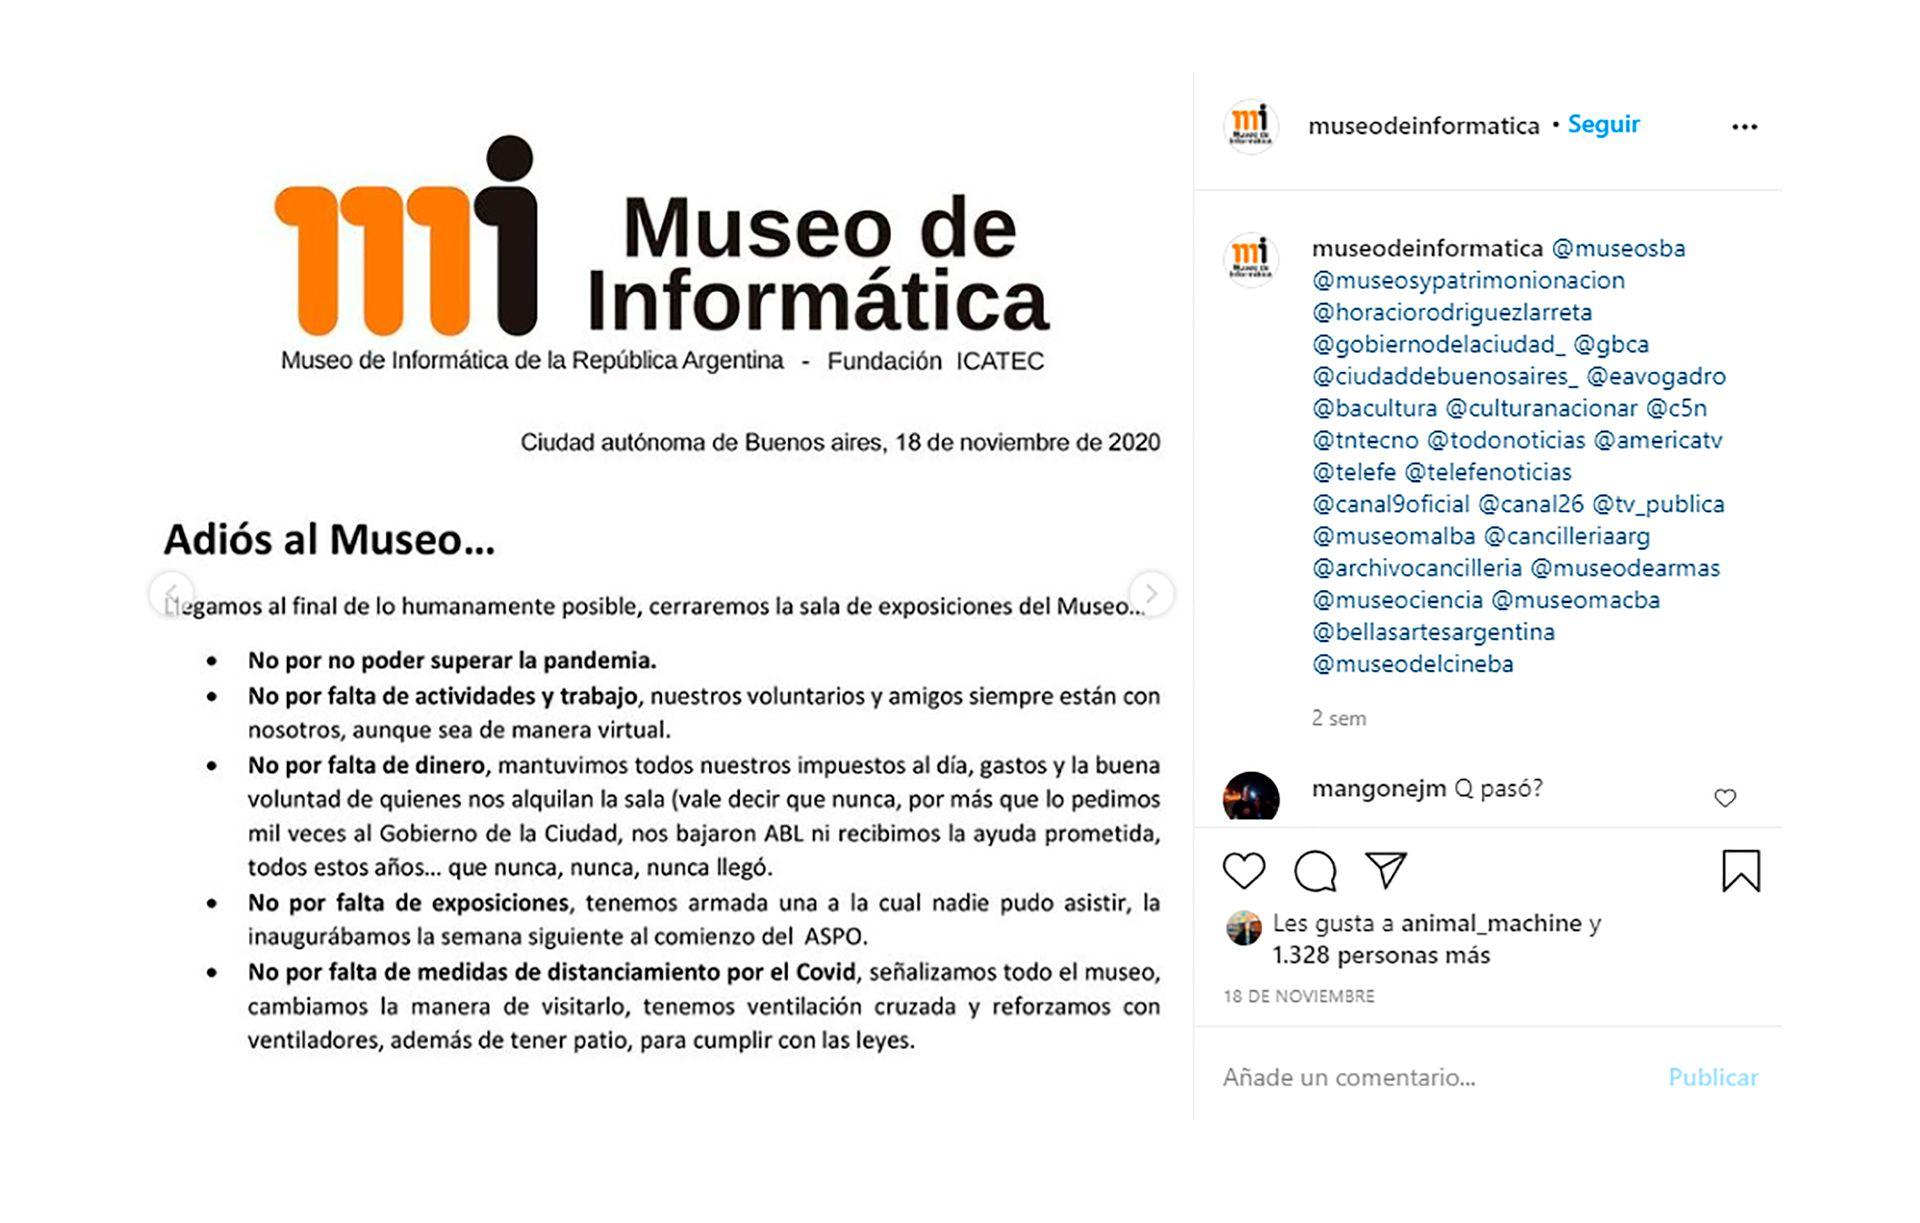 Adios al Museo